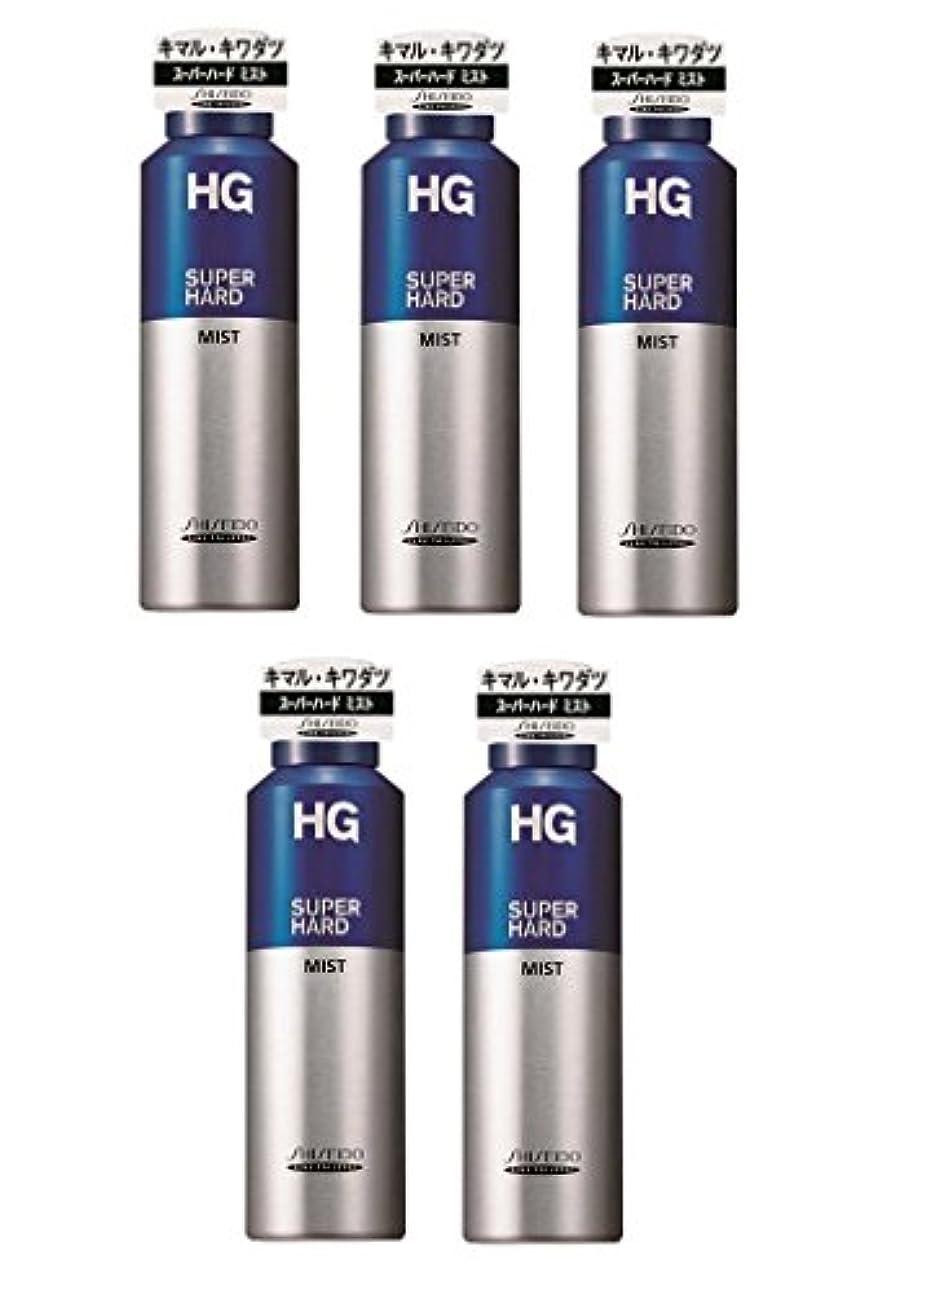 ルネッサンスタヒチ解放する【まとめ買い】HG スーパーハード ミスト 150g×5個